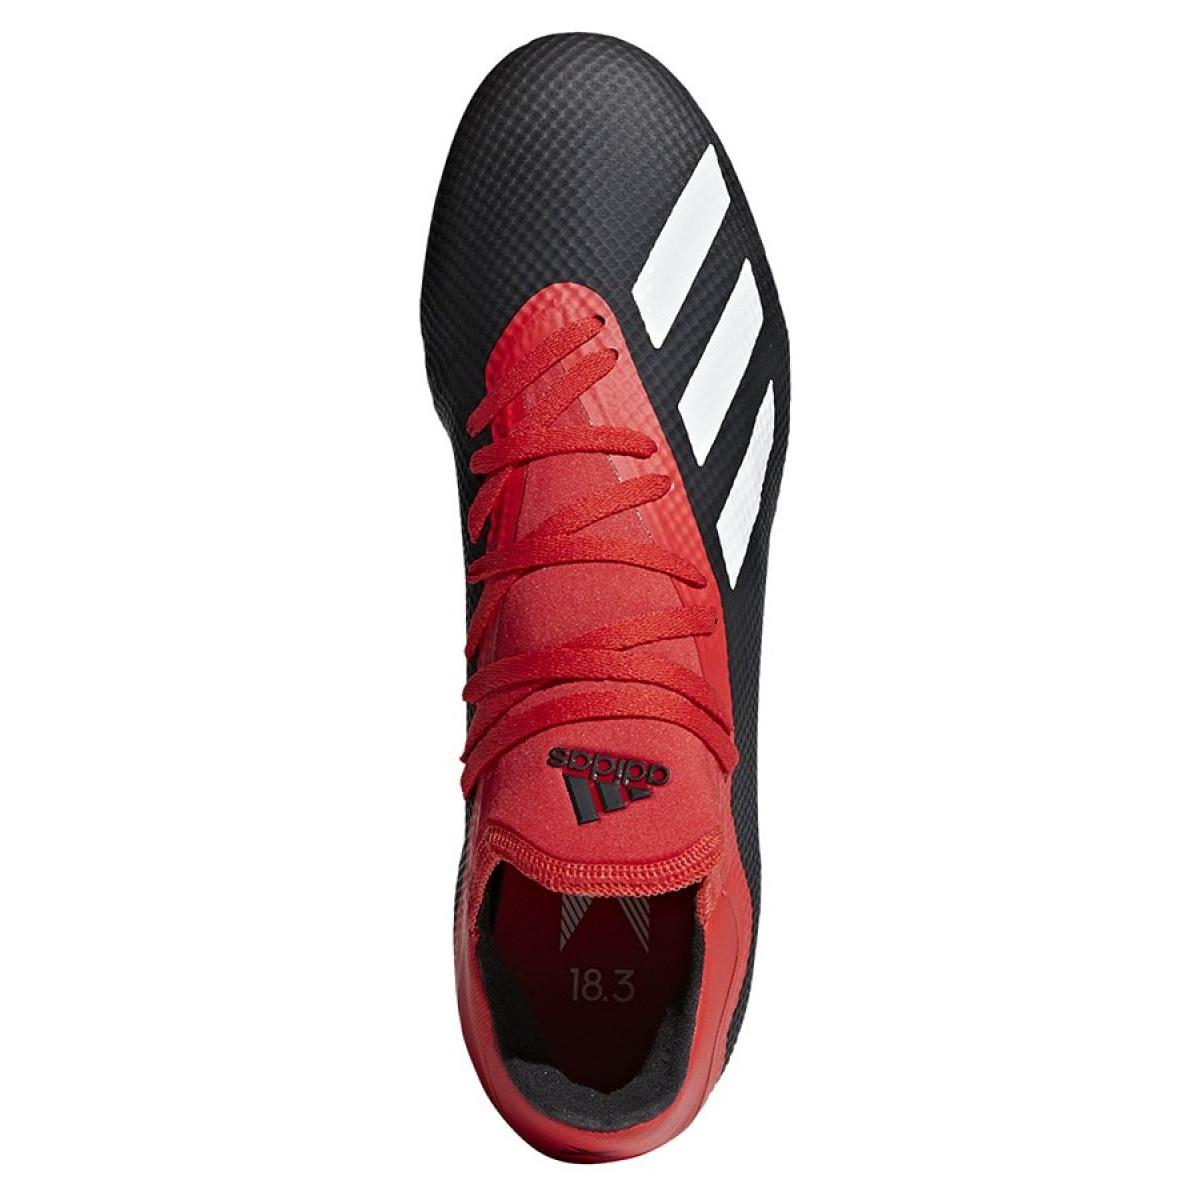 Fodboldsko adidas X 18.3 Fg M BB9366